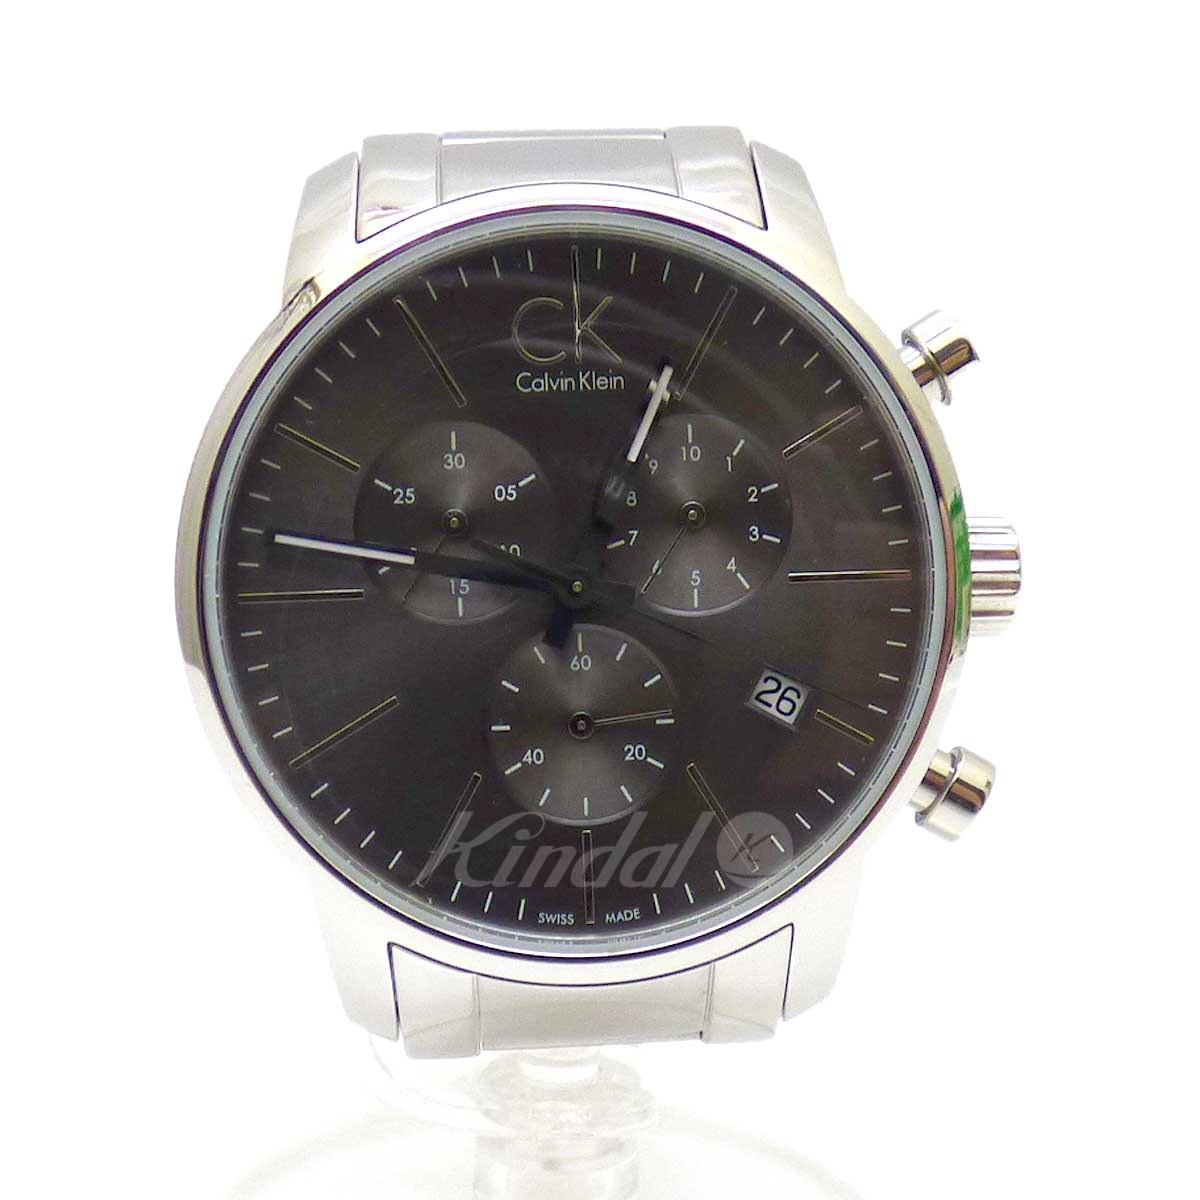 【中古】CALVIN KLEIN City Chorono クロノ腕時計 ブラック×シルバー 【送料無料】 【110519】(カルバンクライン)